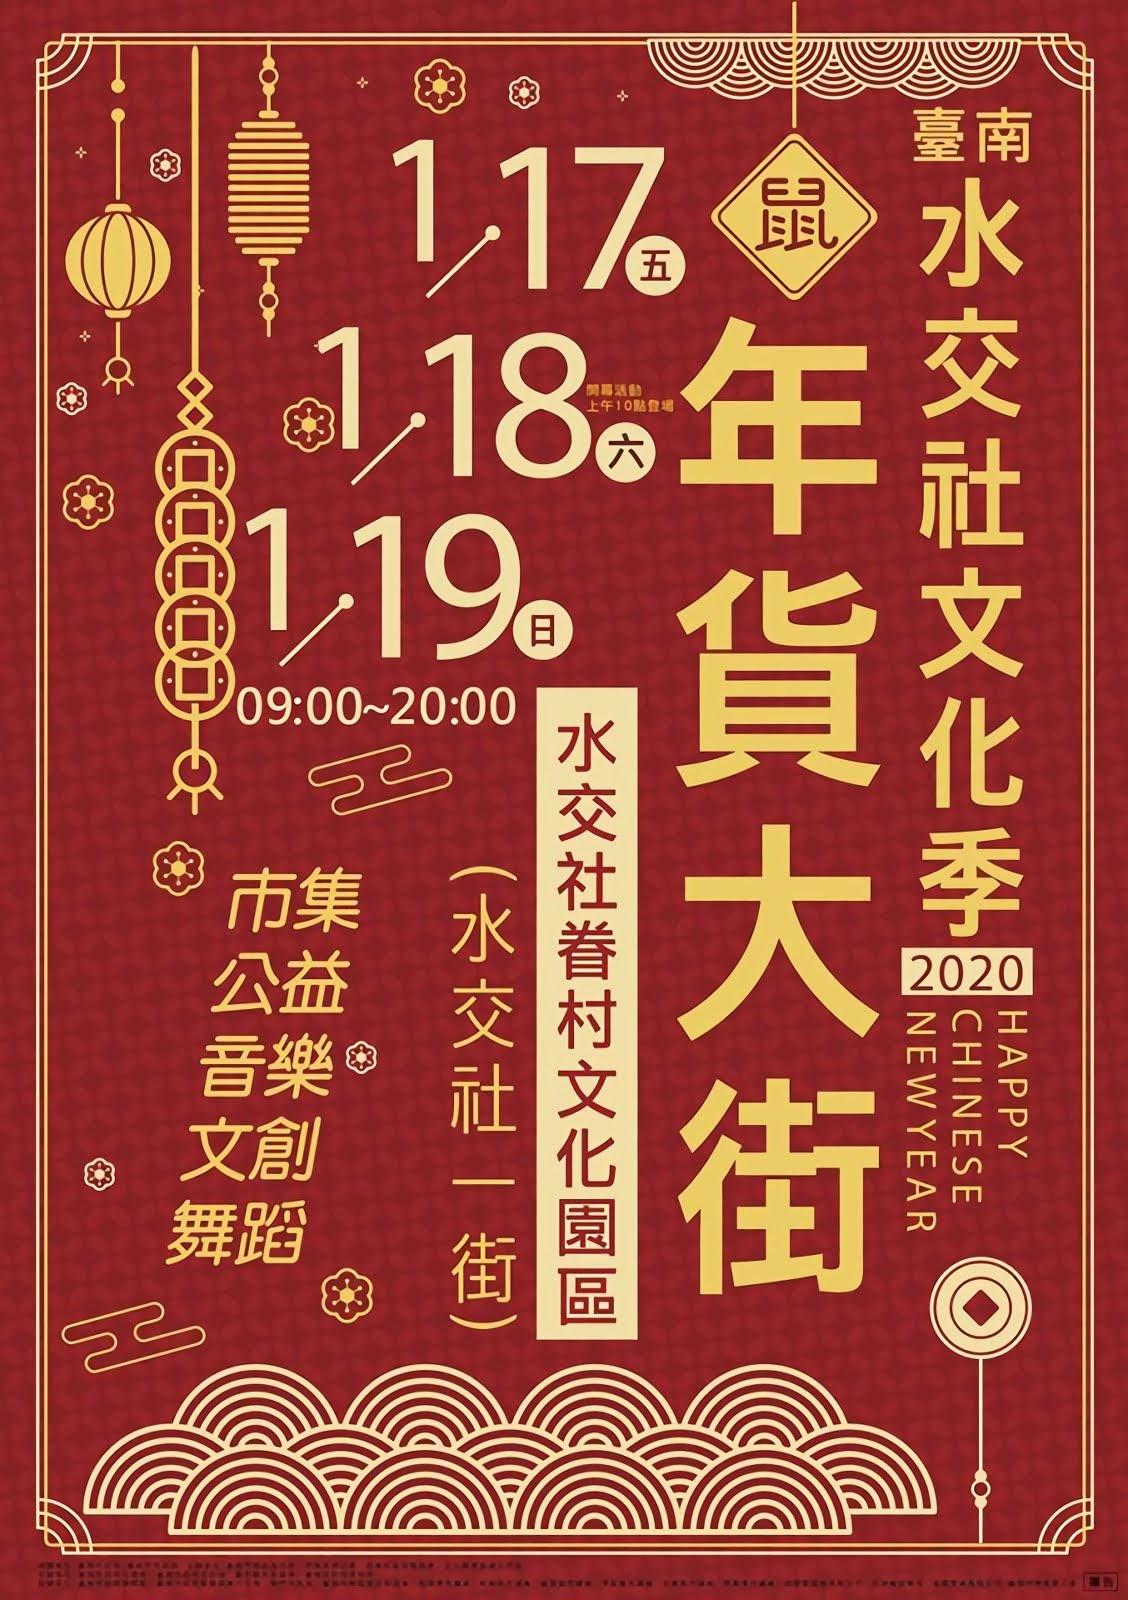 [活動] 2020水交社文化季×年貨大街|1/17-1/19眷村年味82攤登場